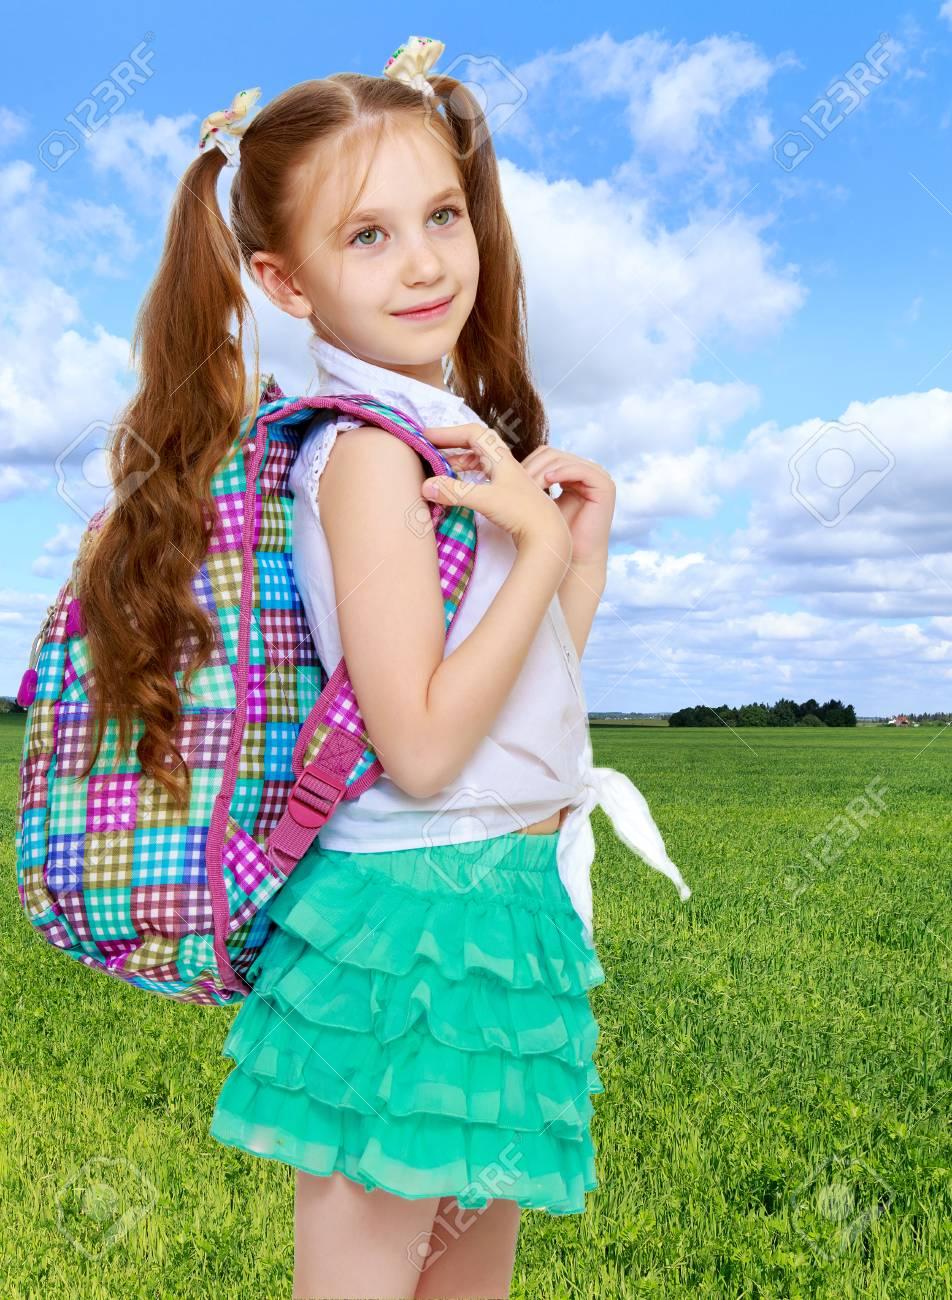 038f6b9c11673 Cute Petite Fille Aux Cheveux Longs à La Taille Quel Fil Tressé Des Rubans  Blancs. Dans Une Chemise Blanche Sans Motif Et Jupe Courte Vert.